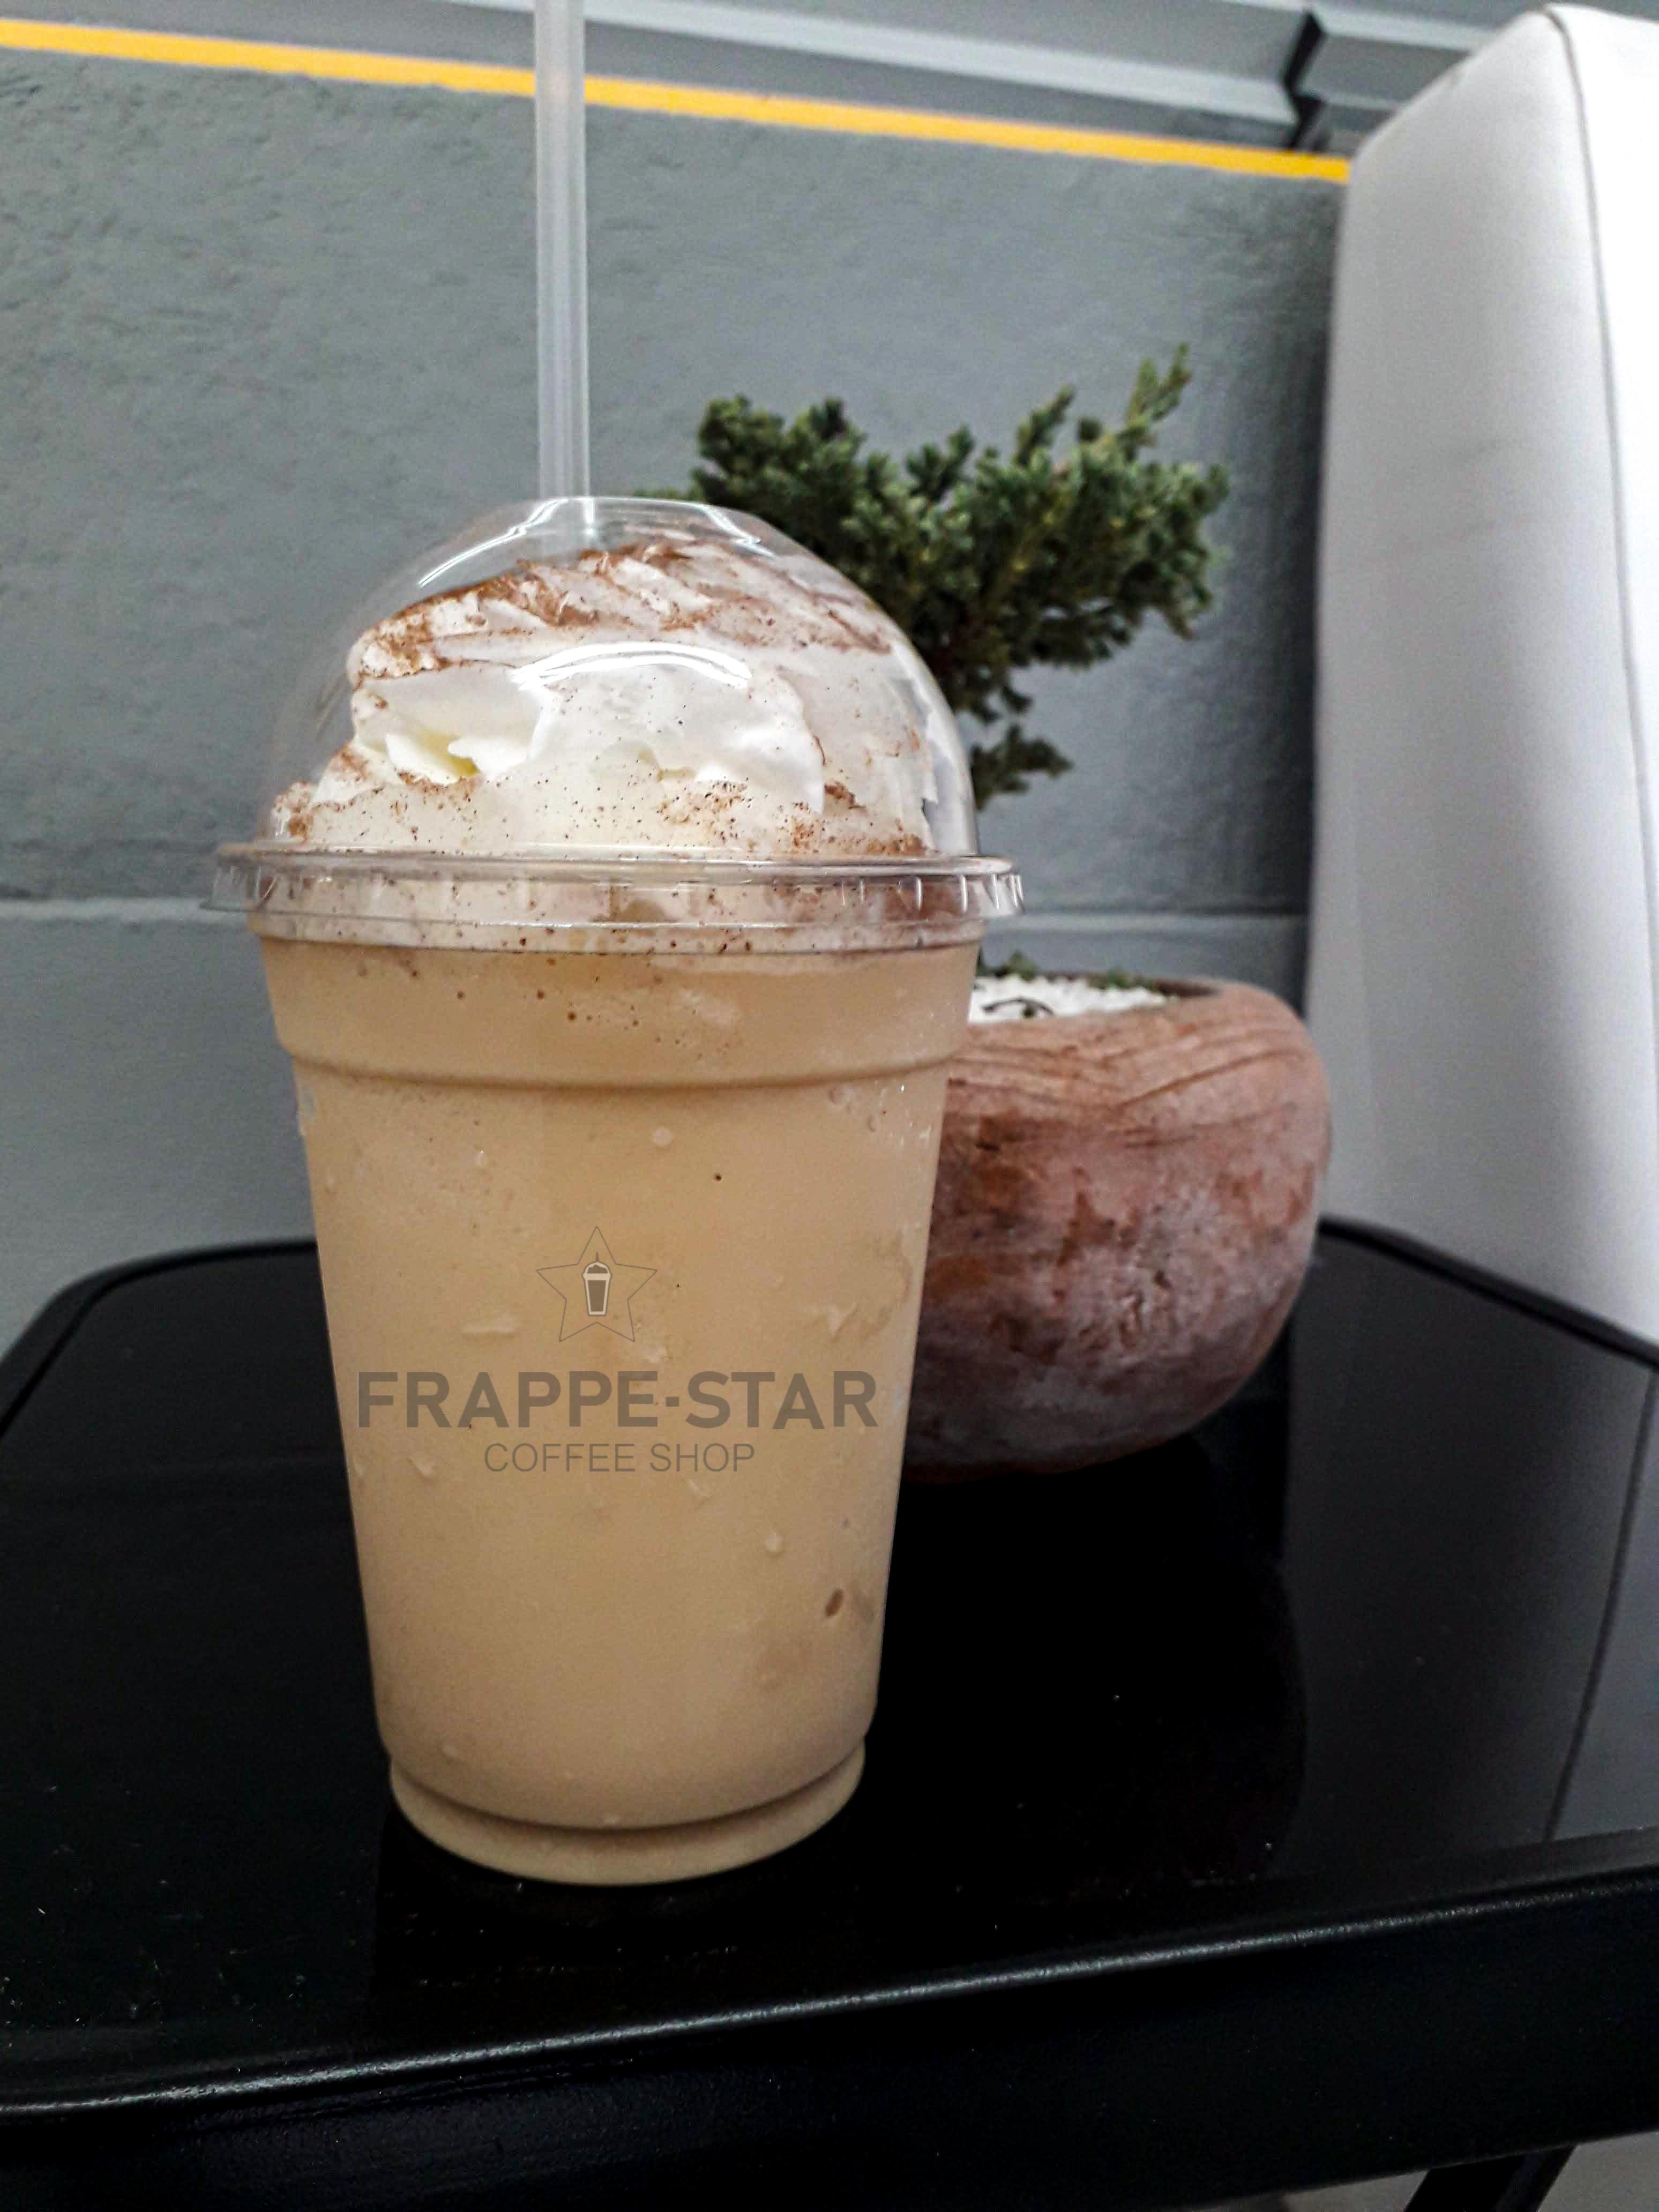 FRAPPE-STAR